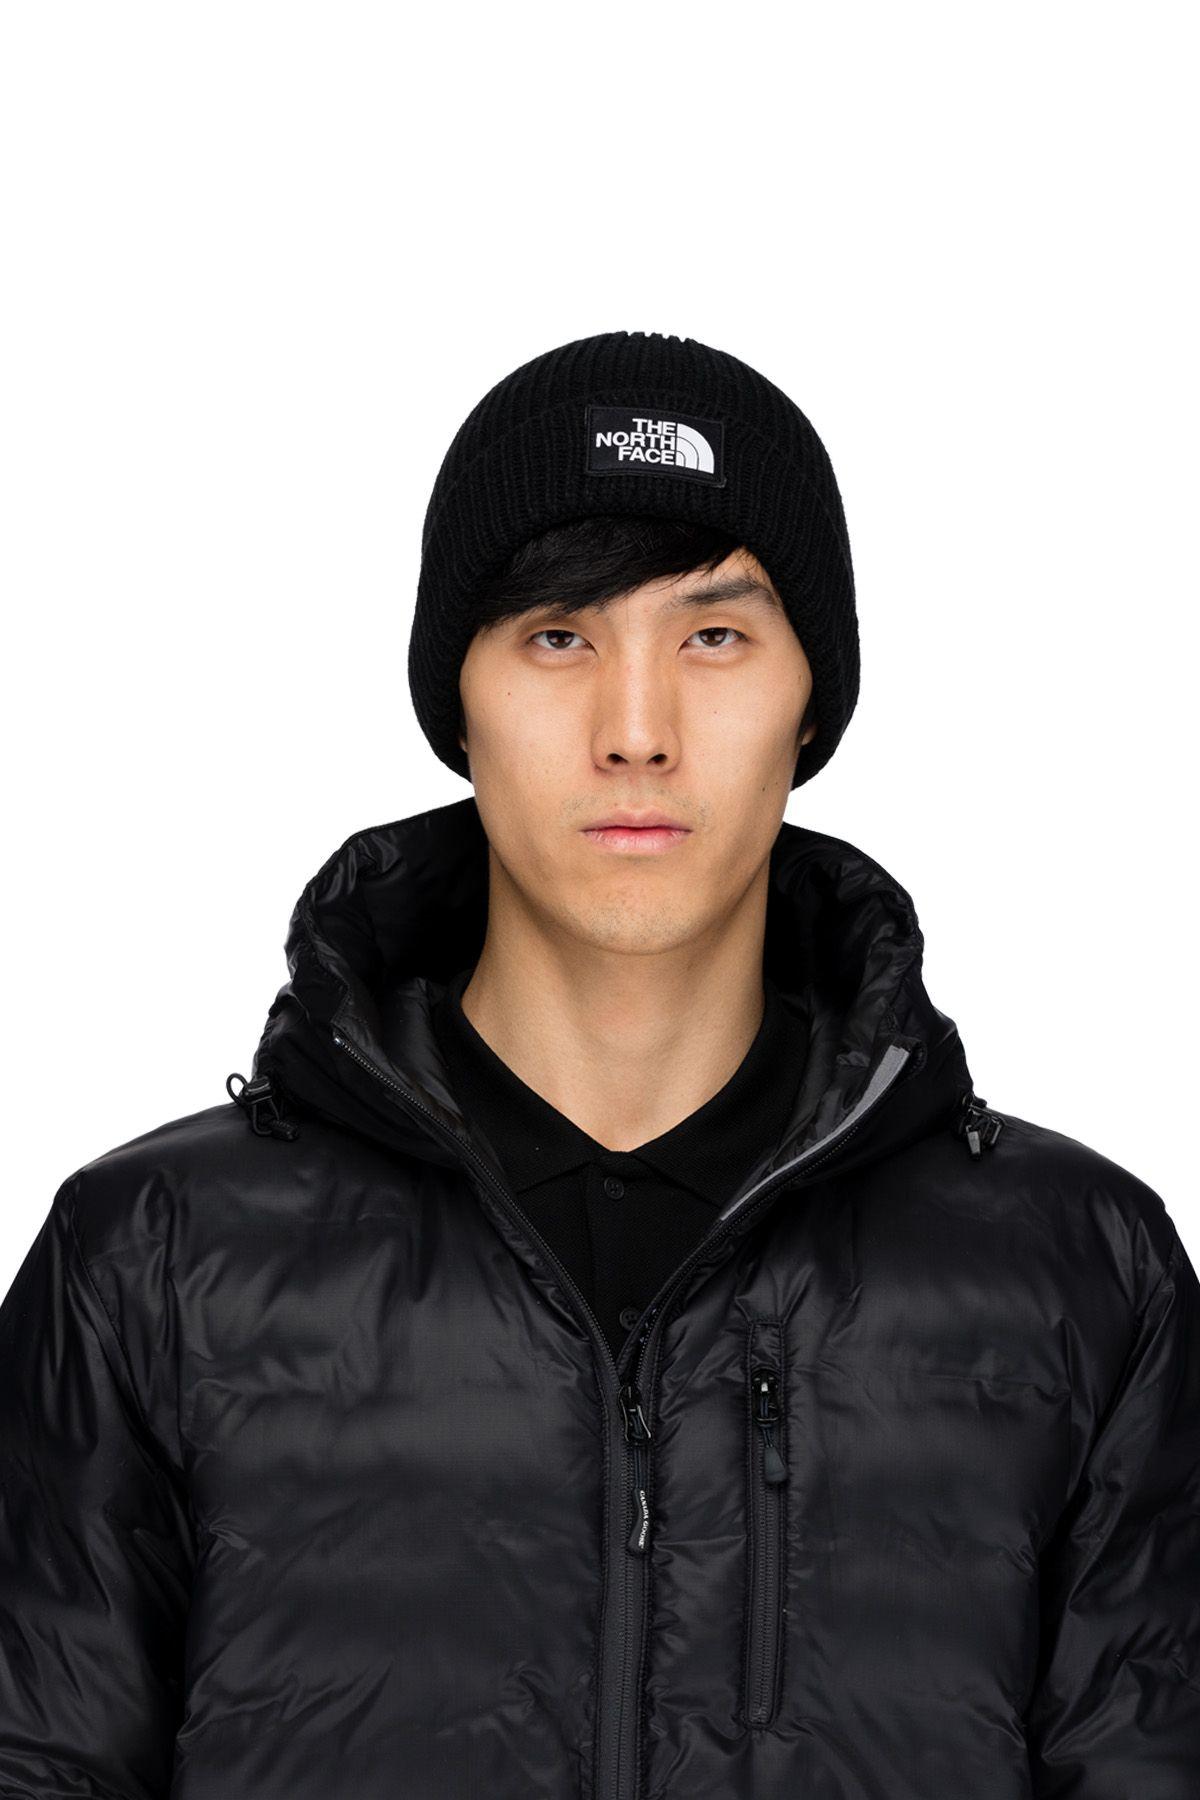 The North Face - Logo Box Cuffed Beanie - Black  e23f2cc5d71e